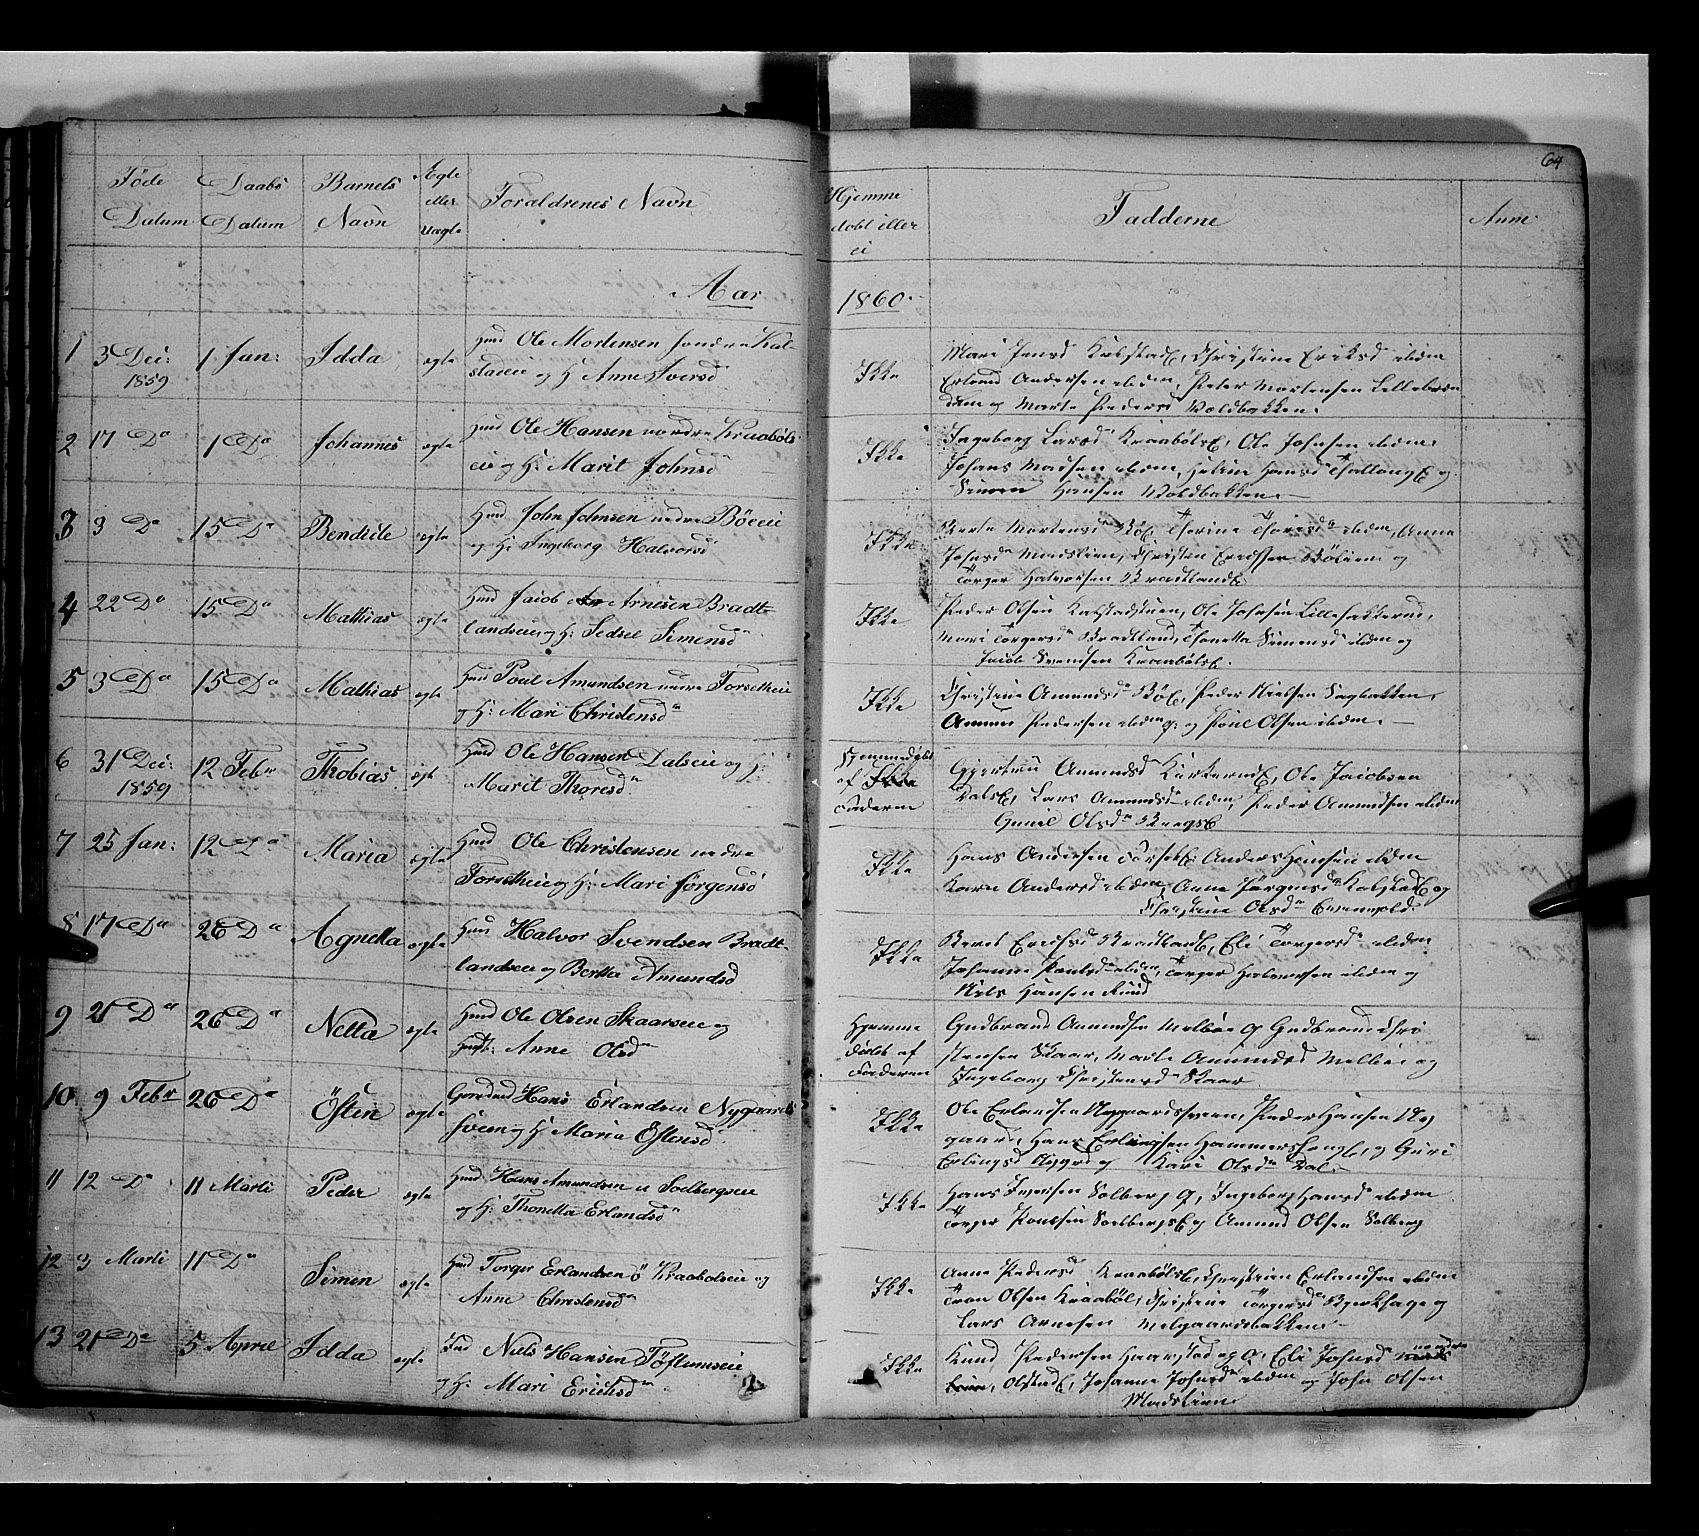 SAH, Gausdal prestekontor, Klokkerbok nr. 5, 1846-1867, s. 64